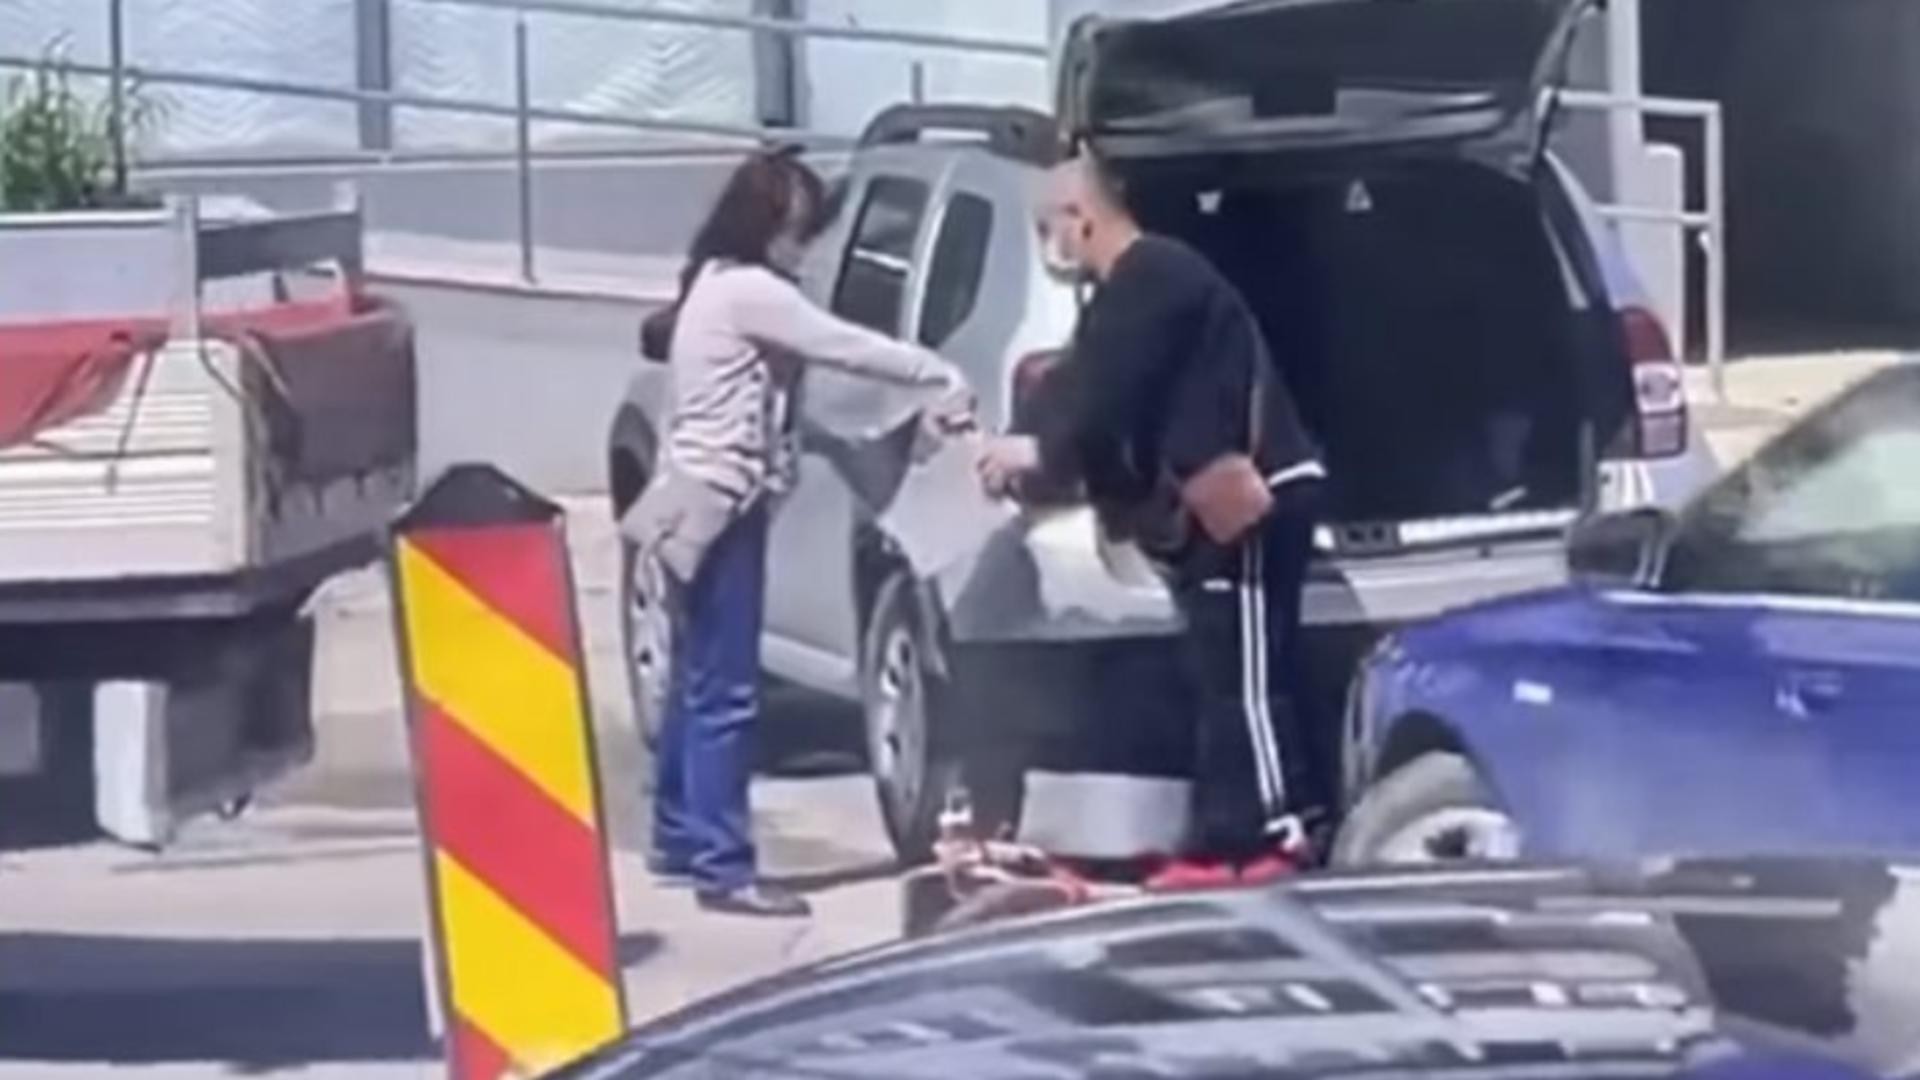 Imagini incredibile - O femeie și un bărbat, surprinși în timp ce furau... trotuarul Foto: Expressdedunare.ro